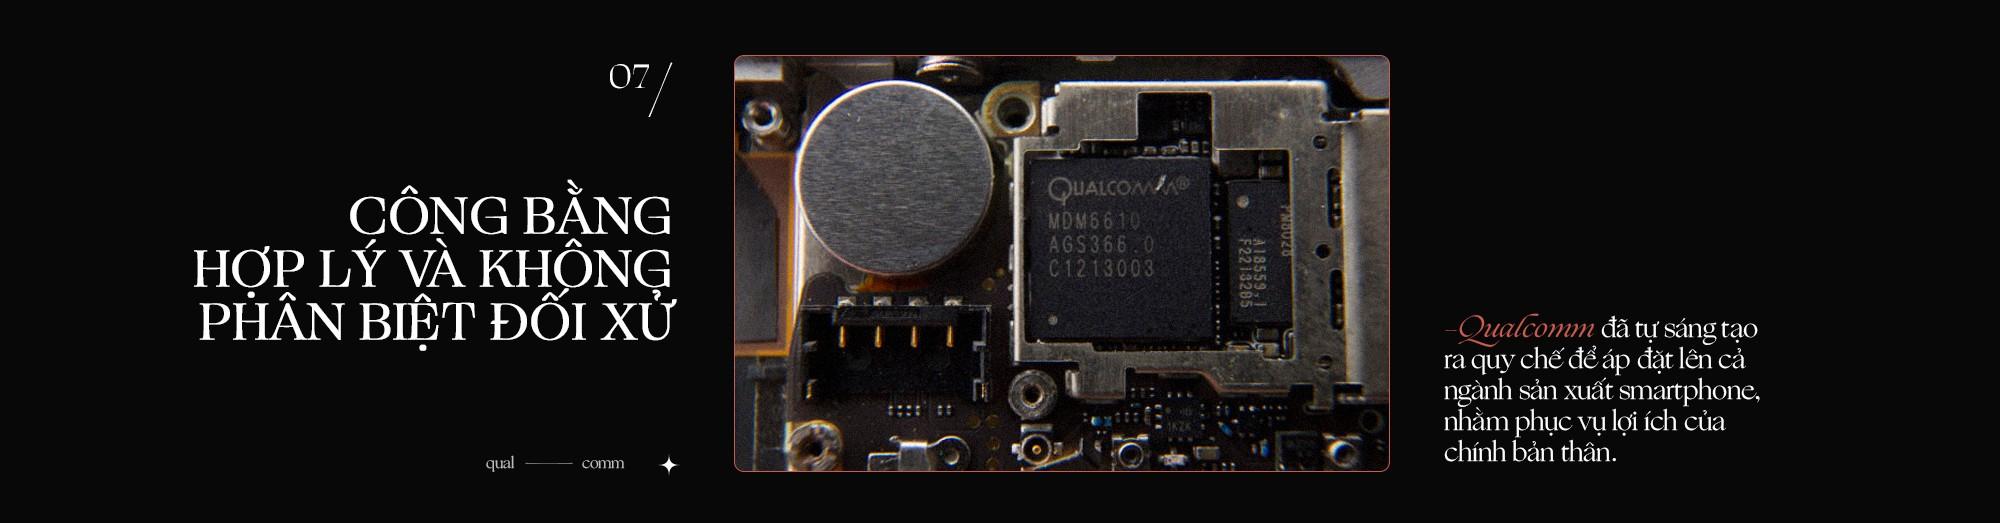 Gã độc tài Qualcomm đã thao túng ngành sản xuất smartphone gần 20 năm qua như thế nào? - Ảnh 12.